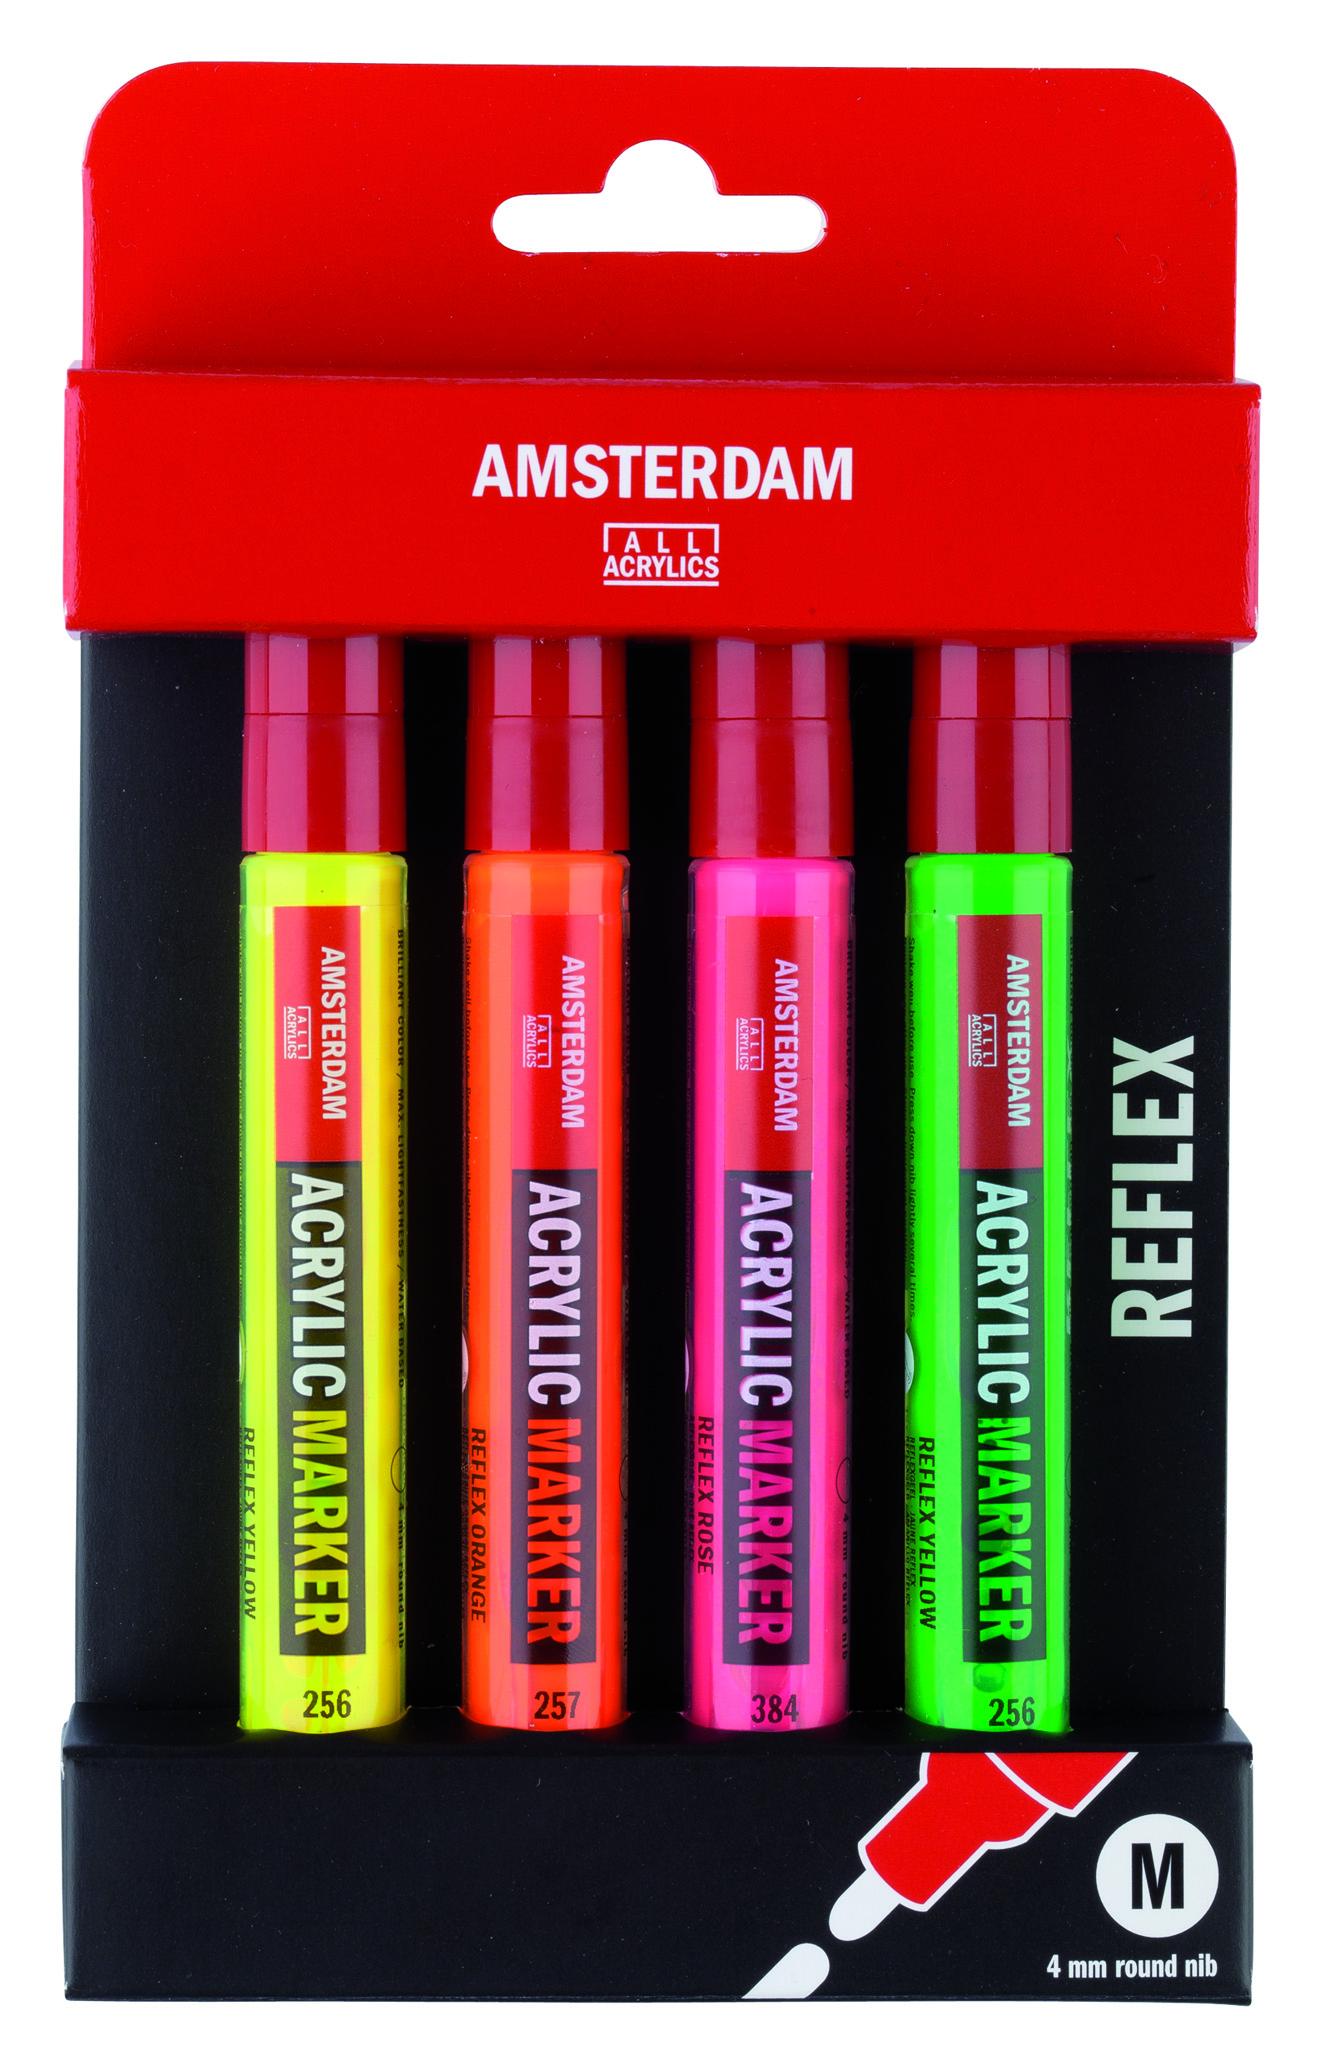 AMSTERDAM Acrylic Marker set M - Sada reflexních akrylových fixů 4mm 4ks